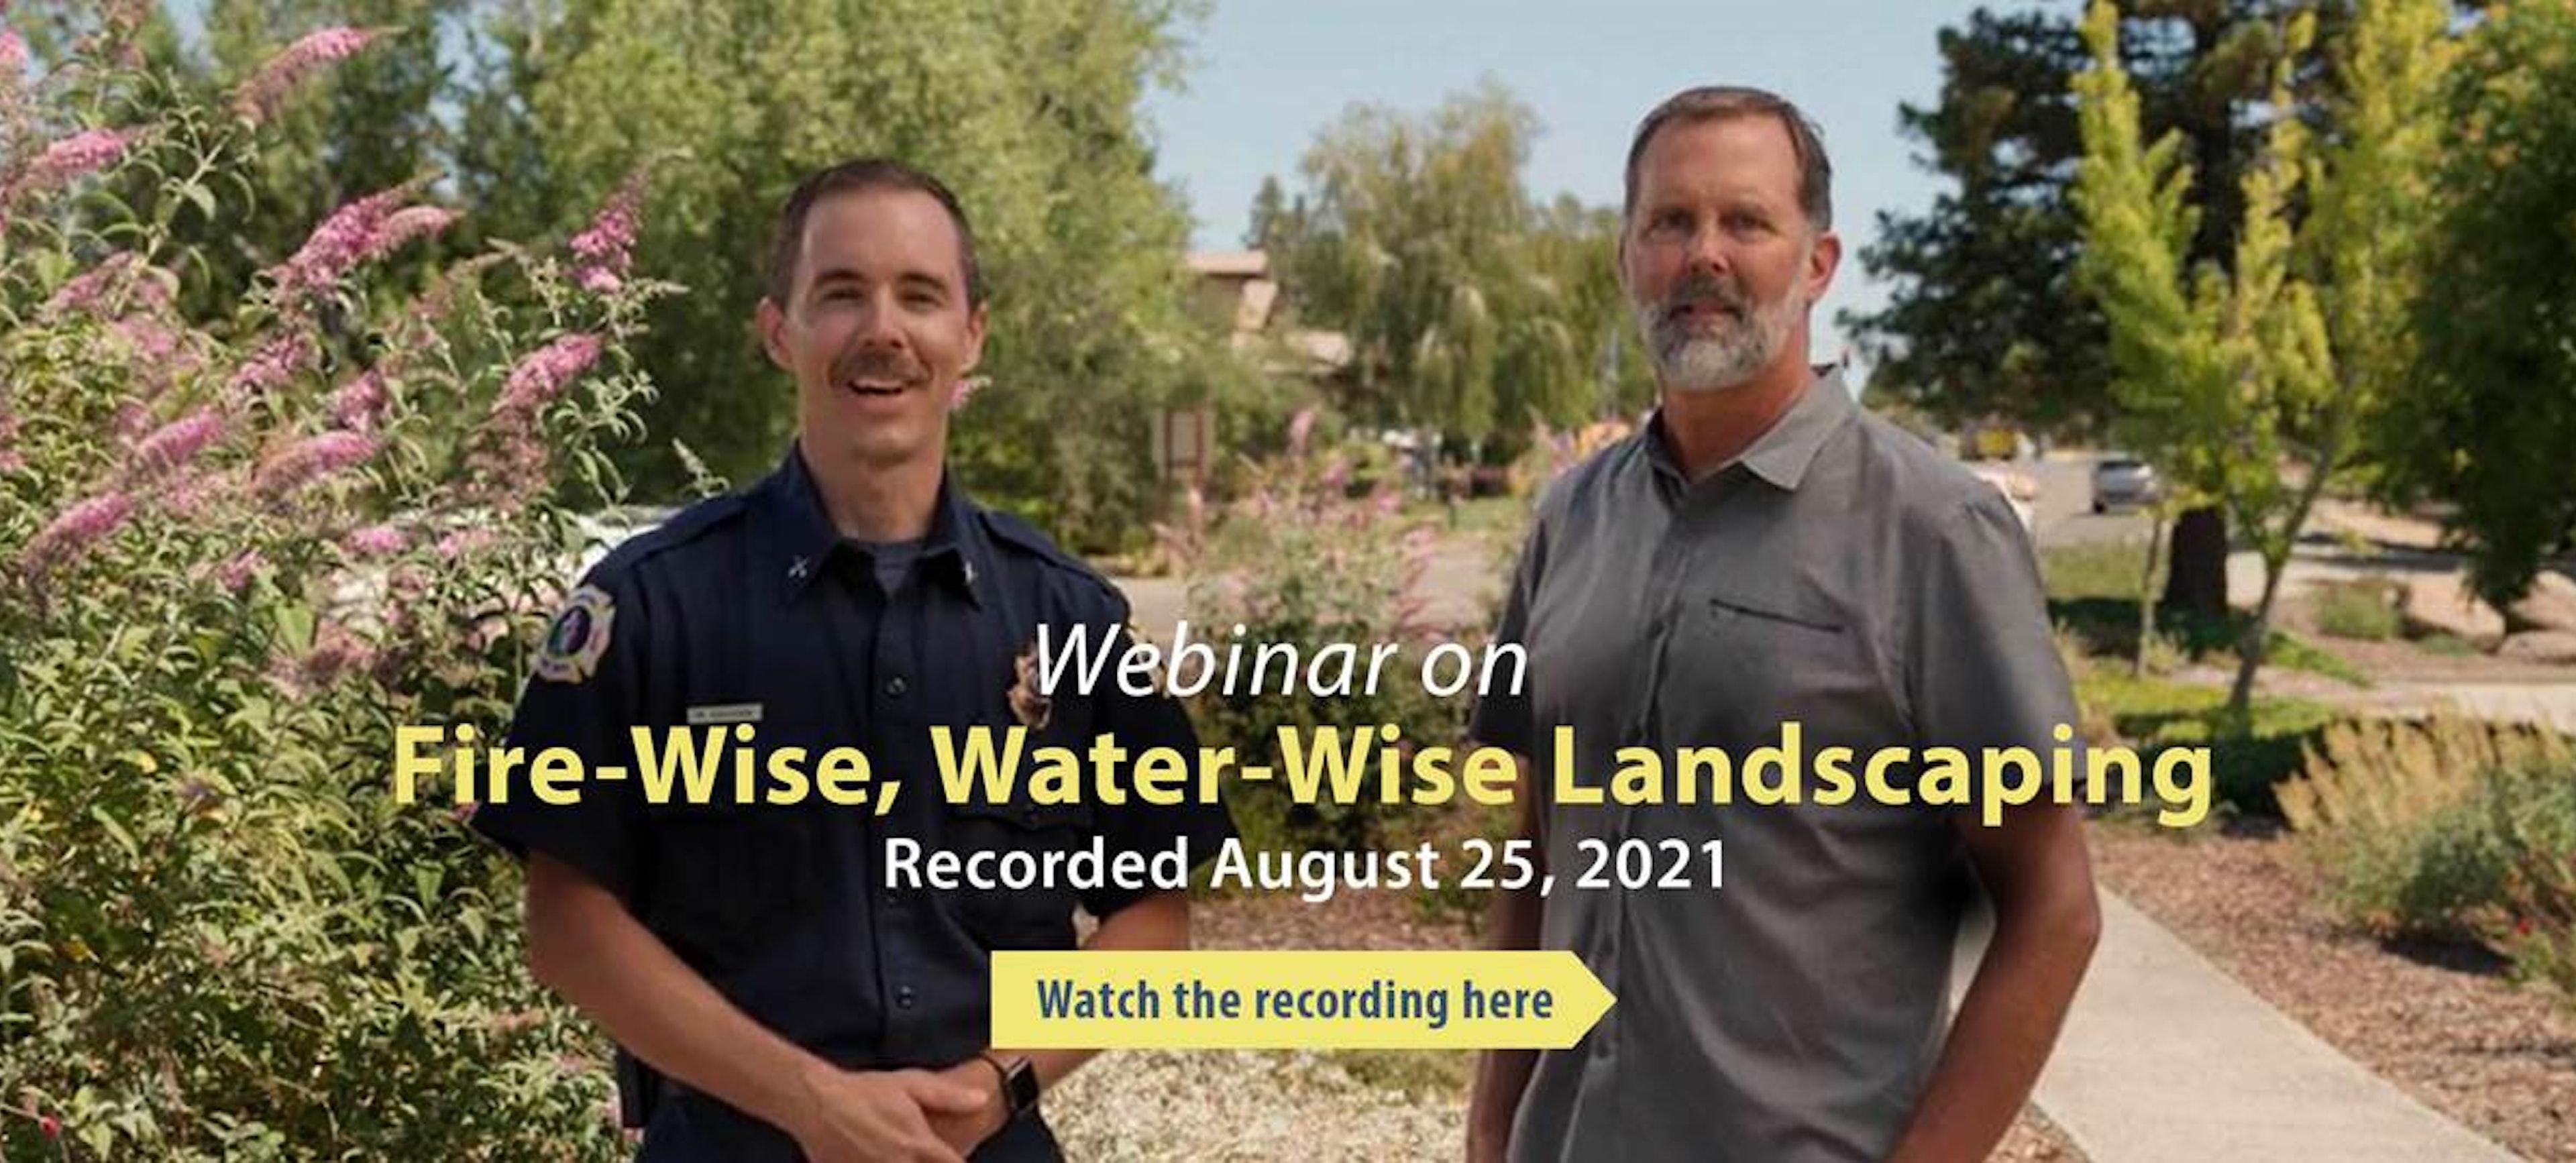 Fire-wise, water-wise landscaping webinar flier